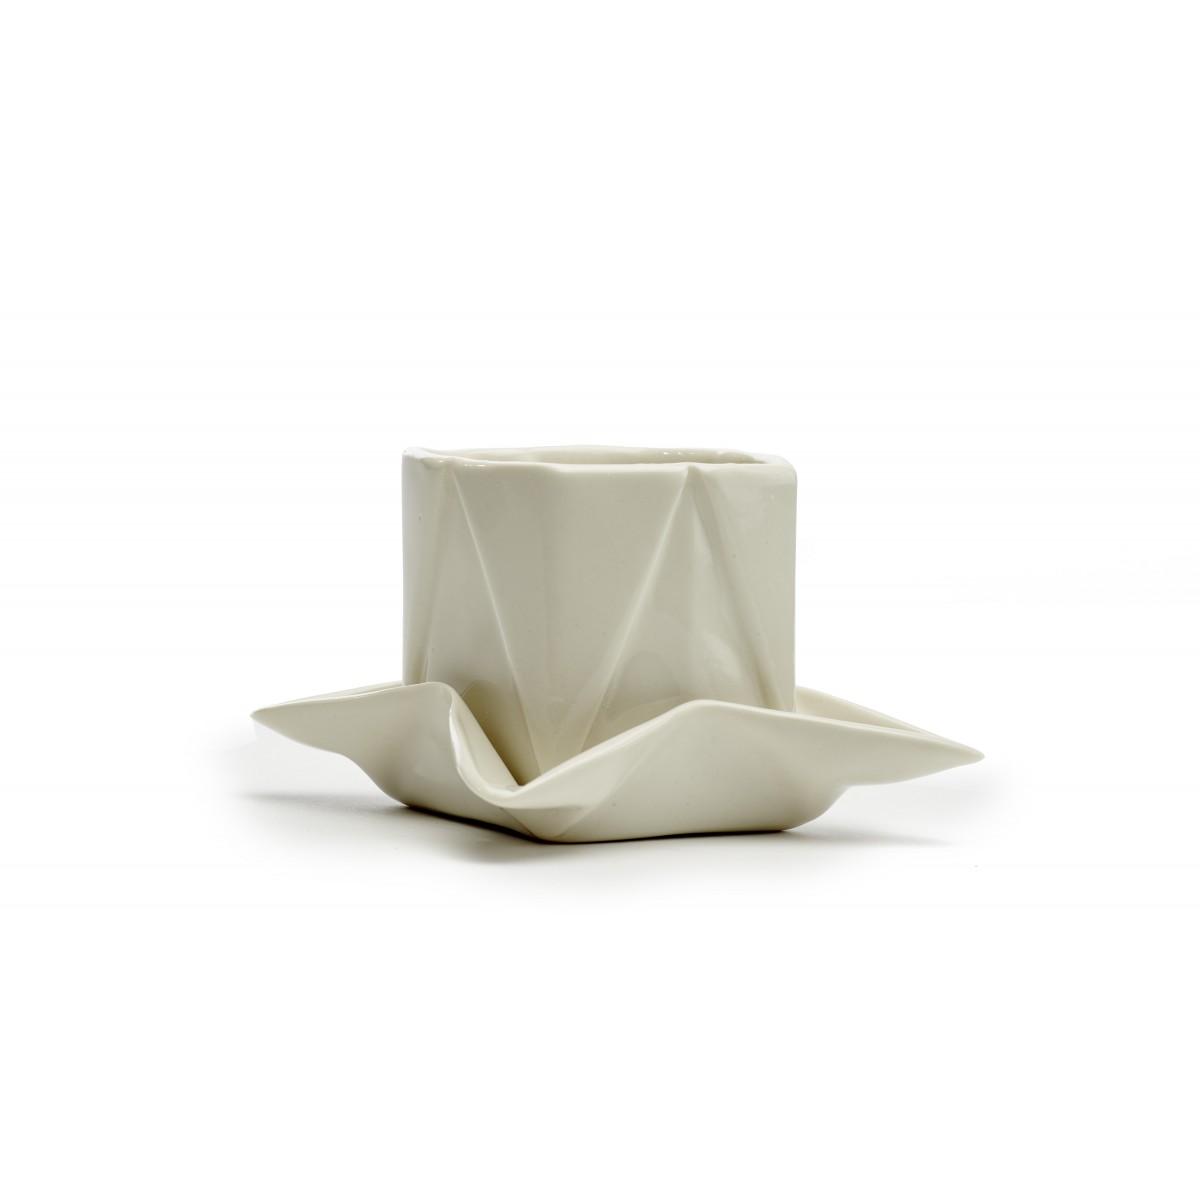 Origami Espressotasse